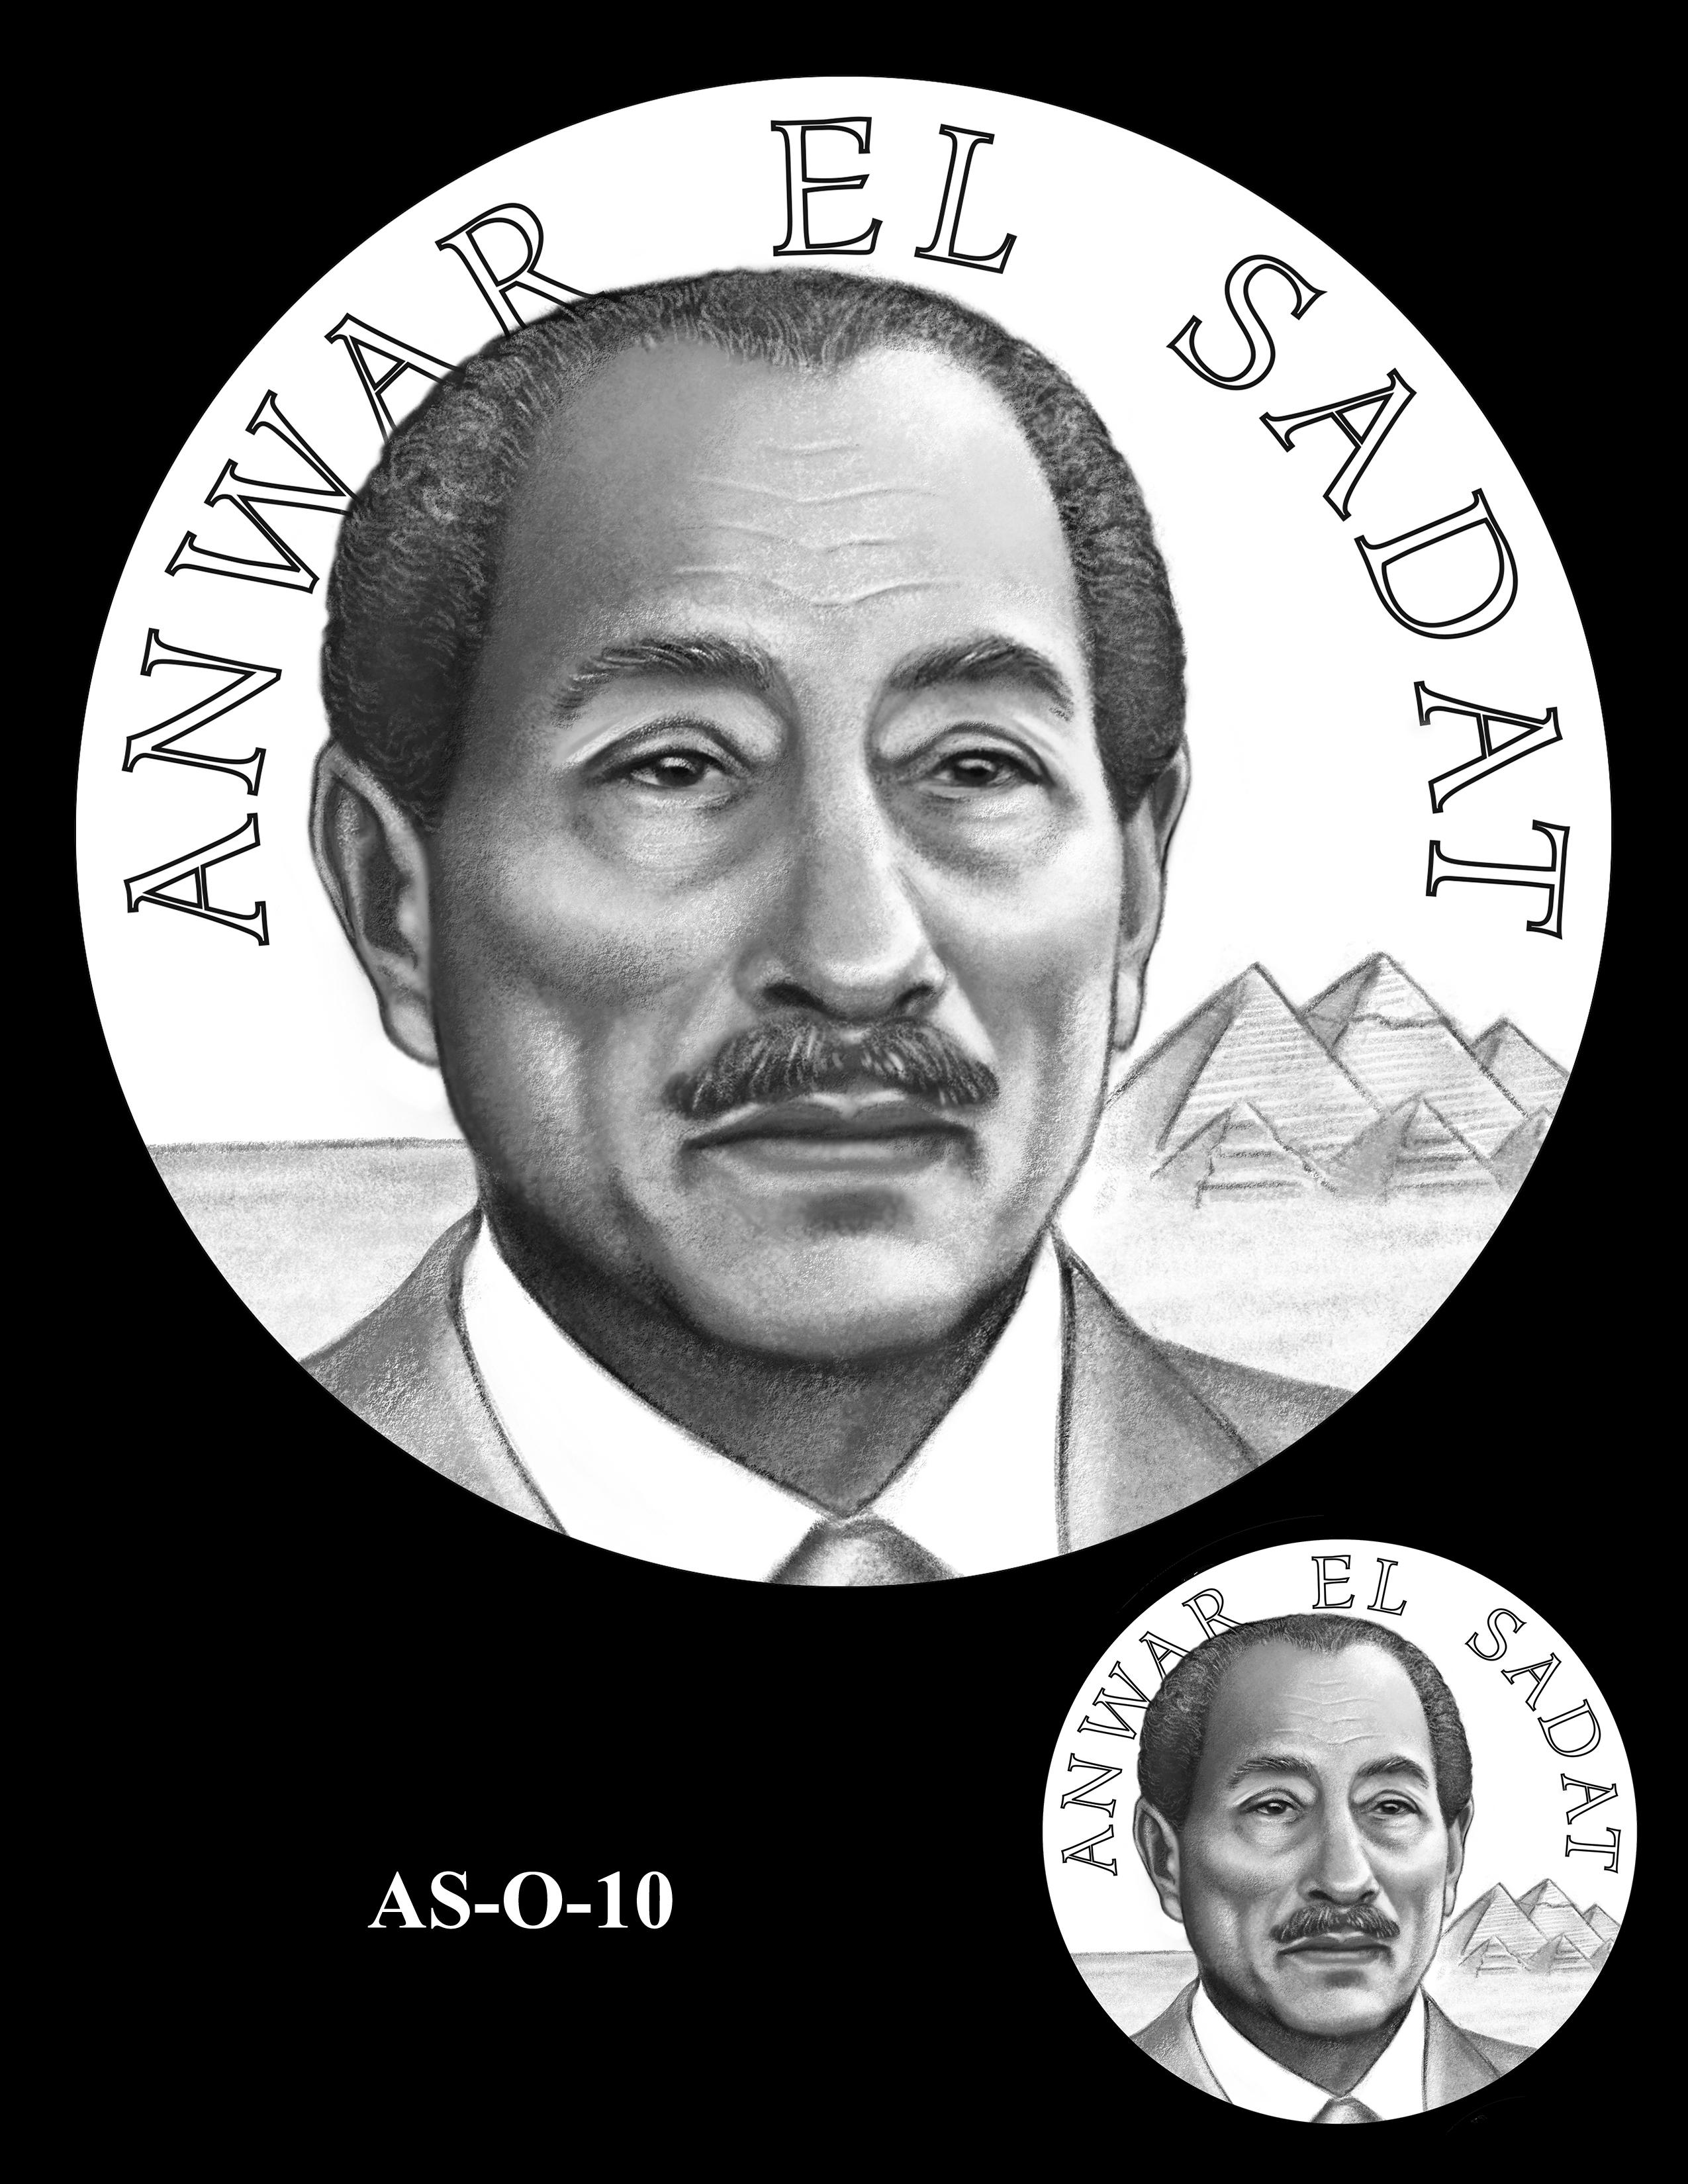 AS-O-10 -- Anwar El Sadat CGM Obverse